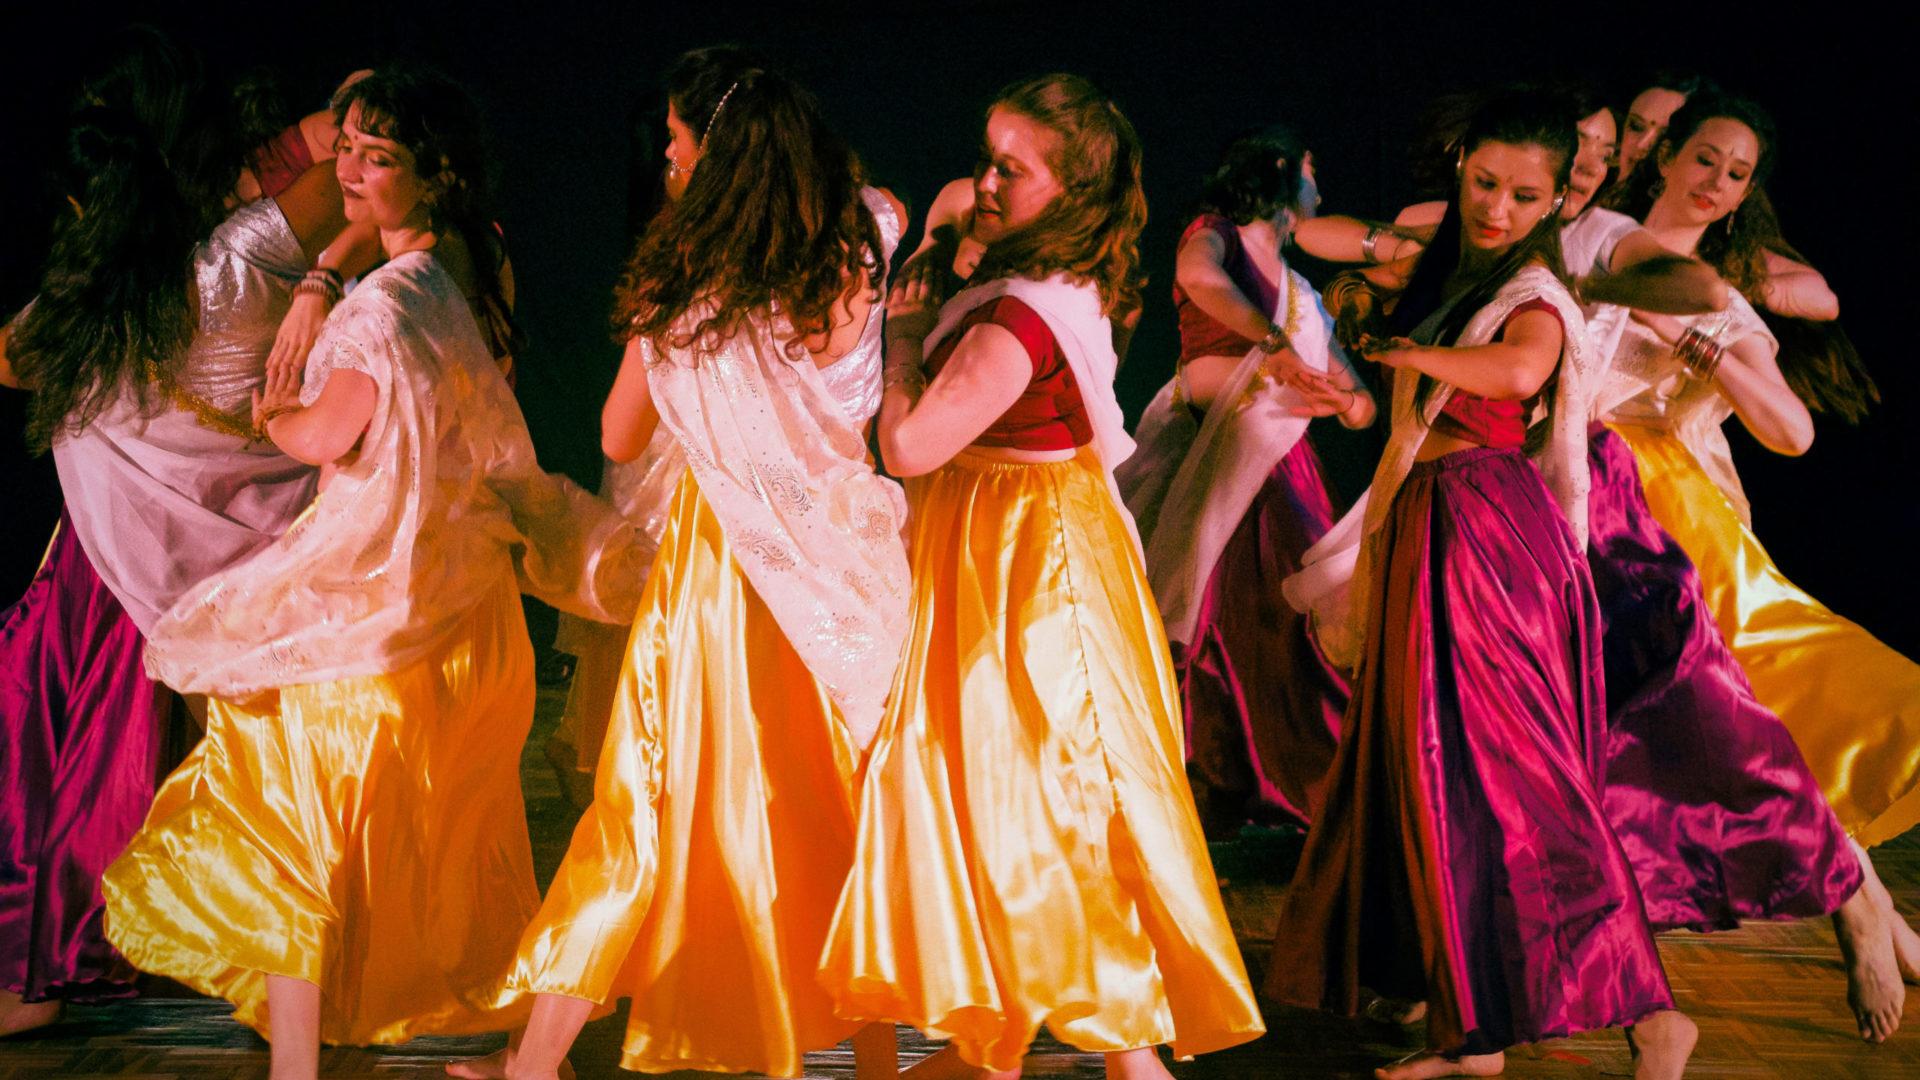 Gala de danse 2019 de l'Association Terre des Arts - Elèves de danse Bollywood